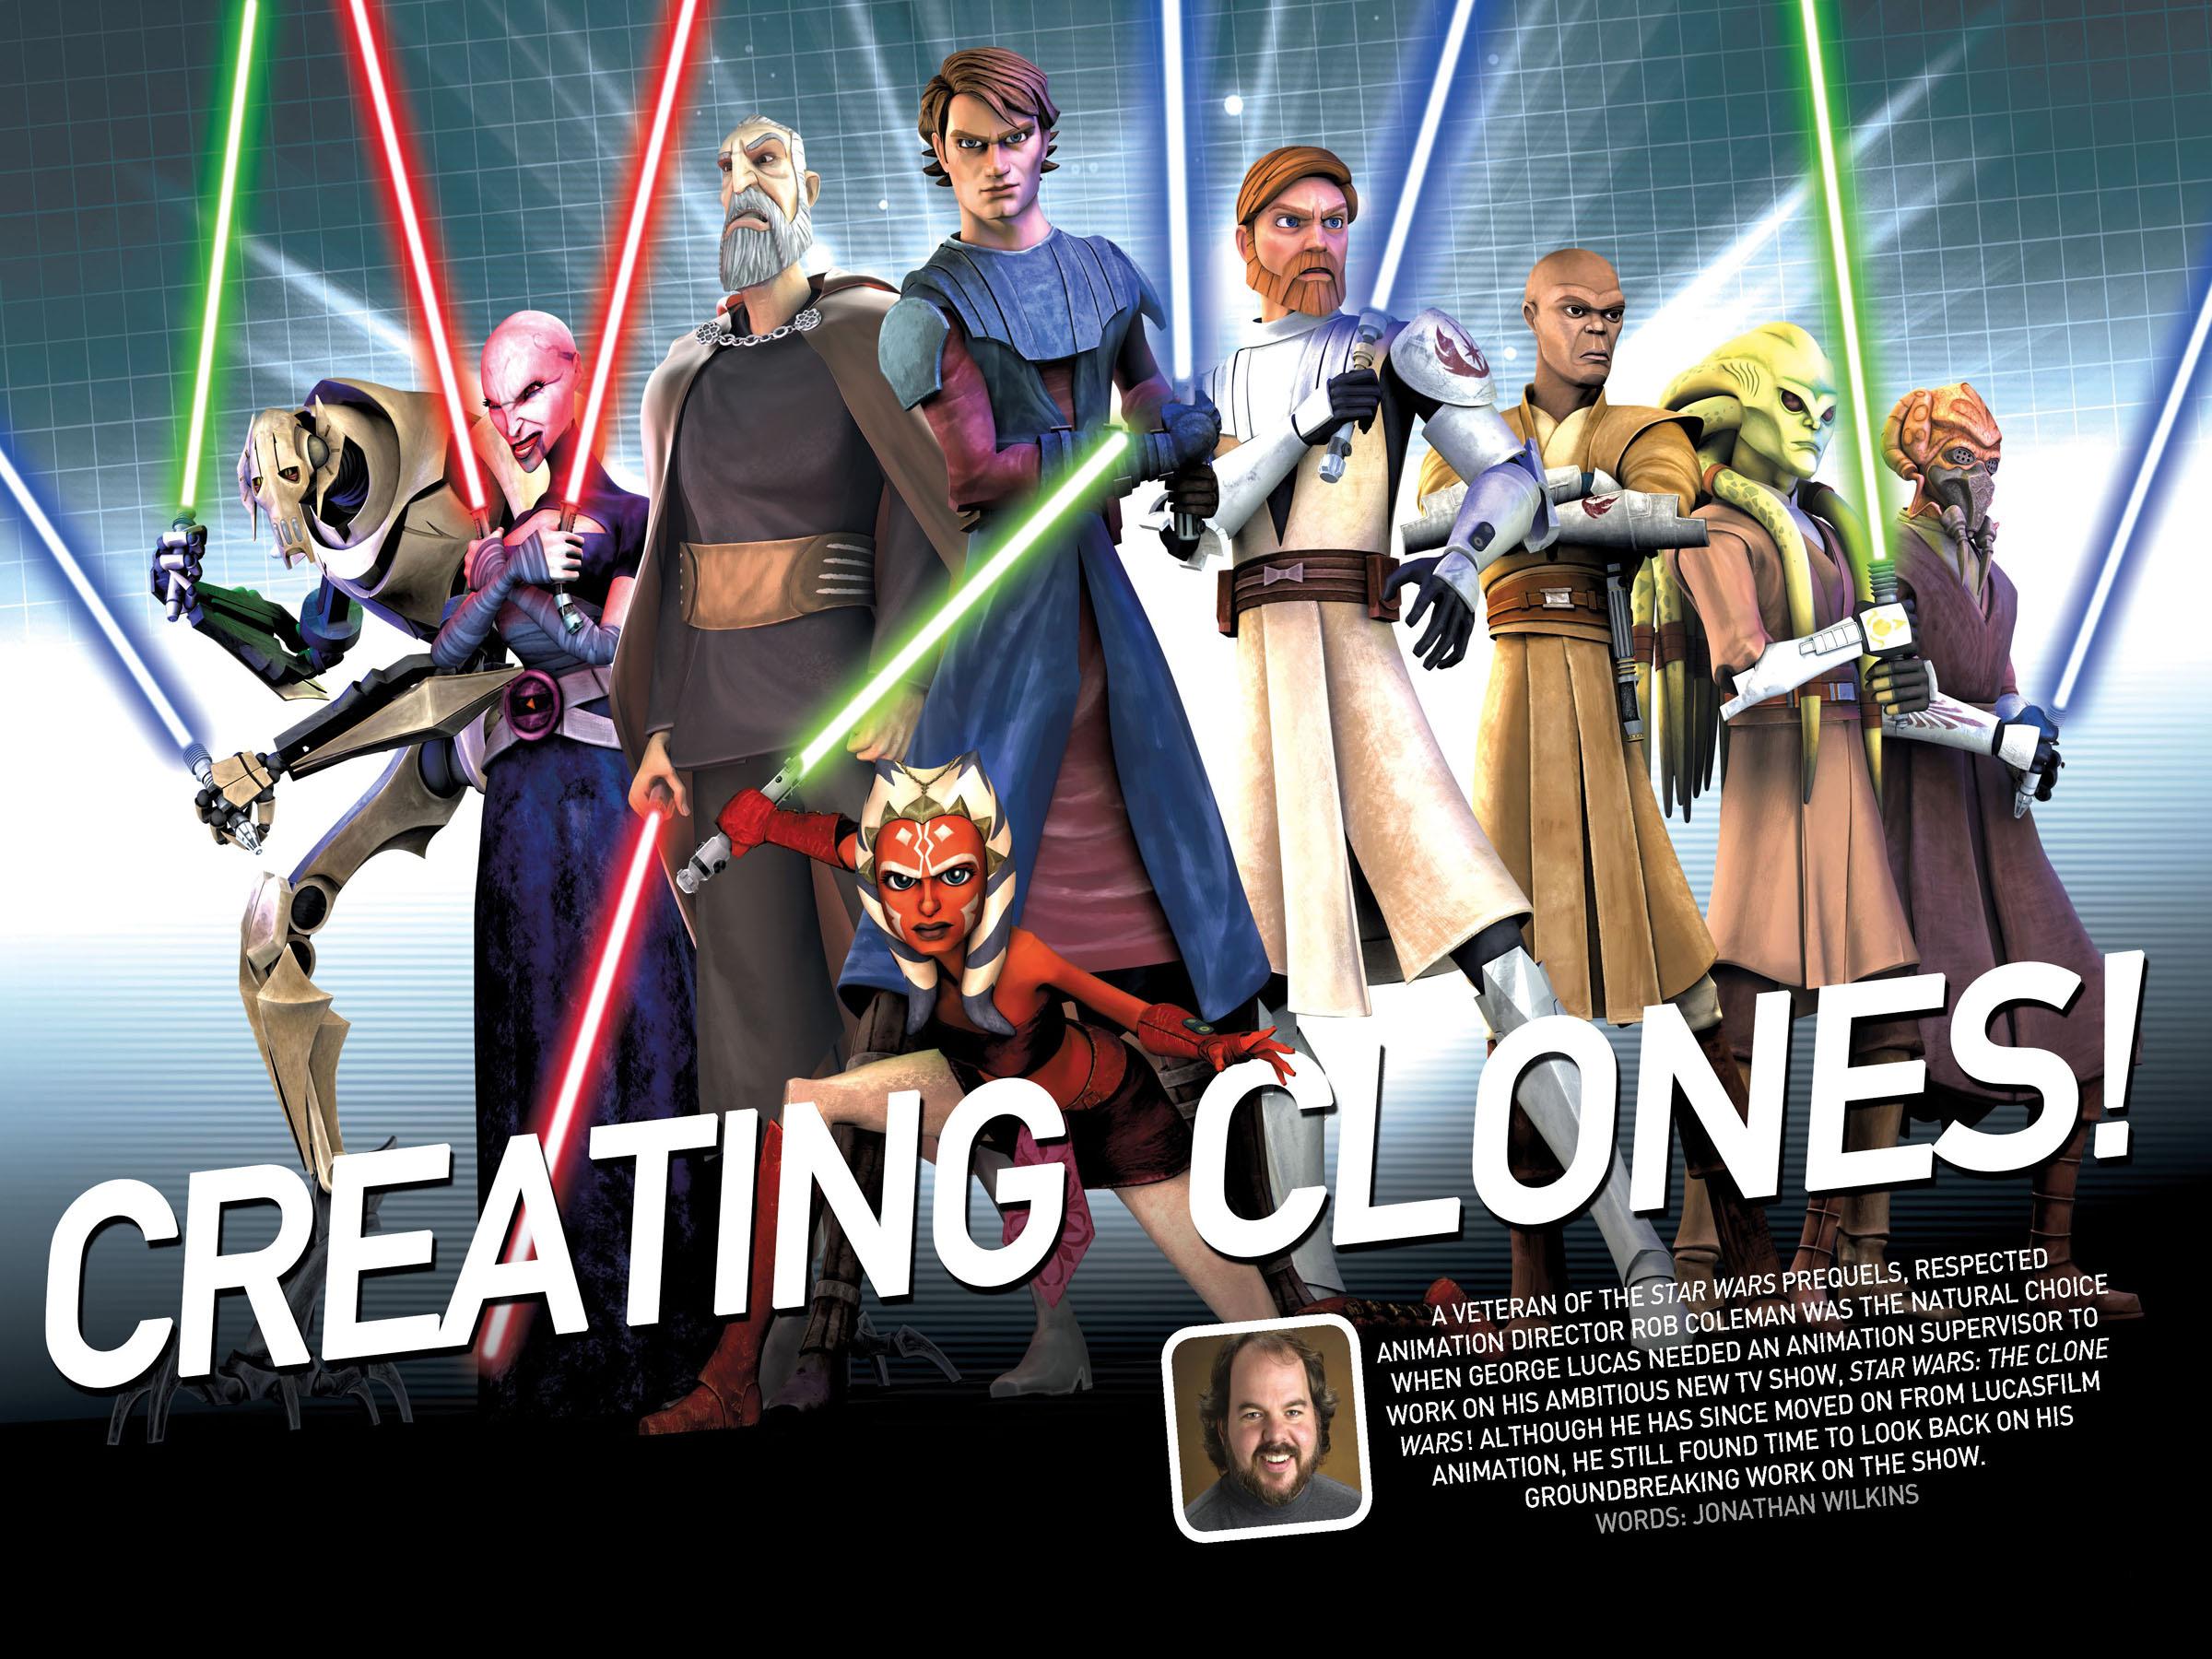 File:Creating Clones.jpg